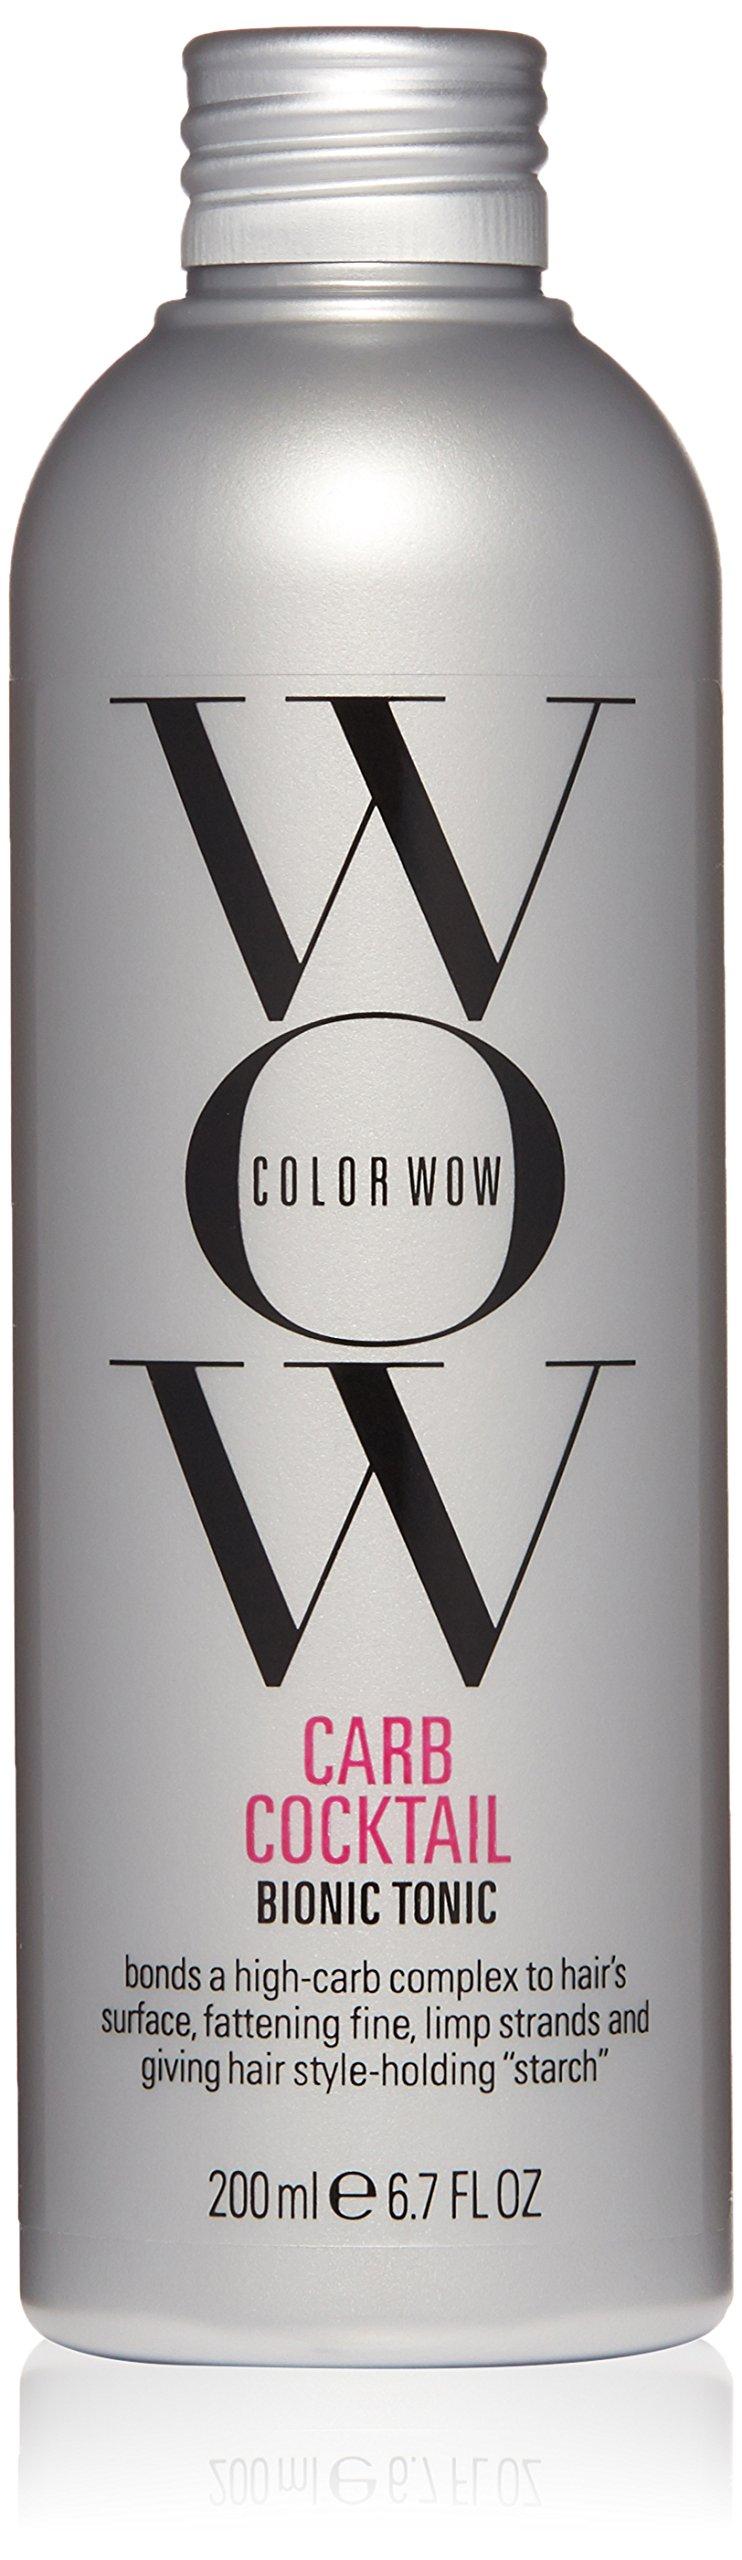 COLOR WOW Cocktail - Bionic Tonic , Carb, 6.7 fl. oz.